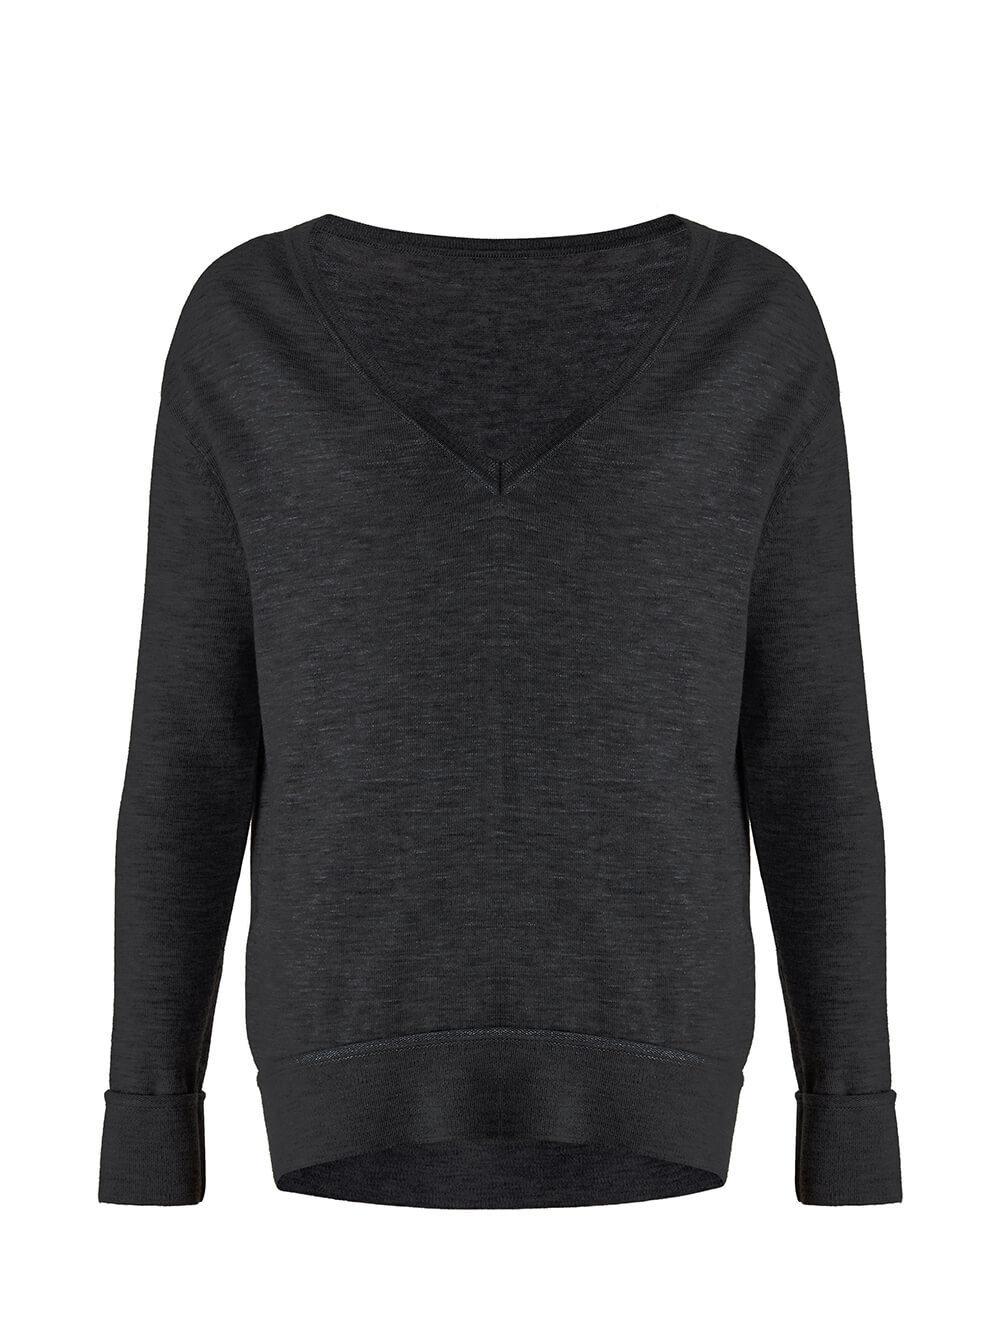 Женский джемпер черного цвета из 100% кашемира - фото 1